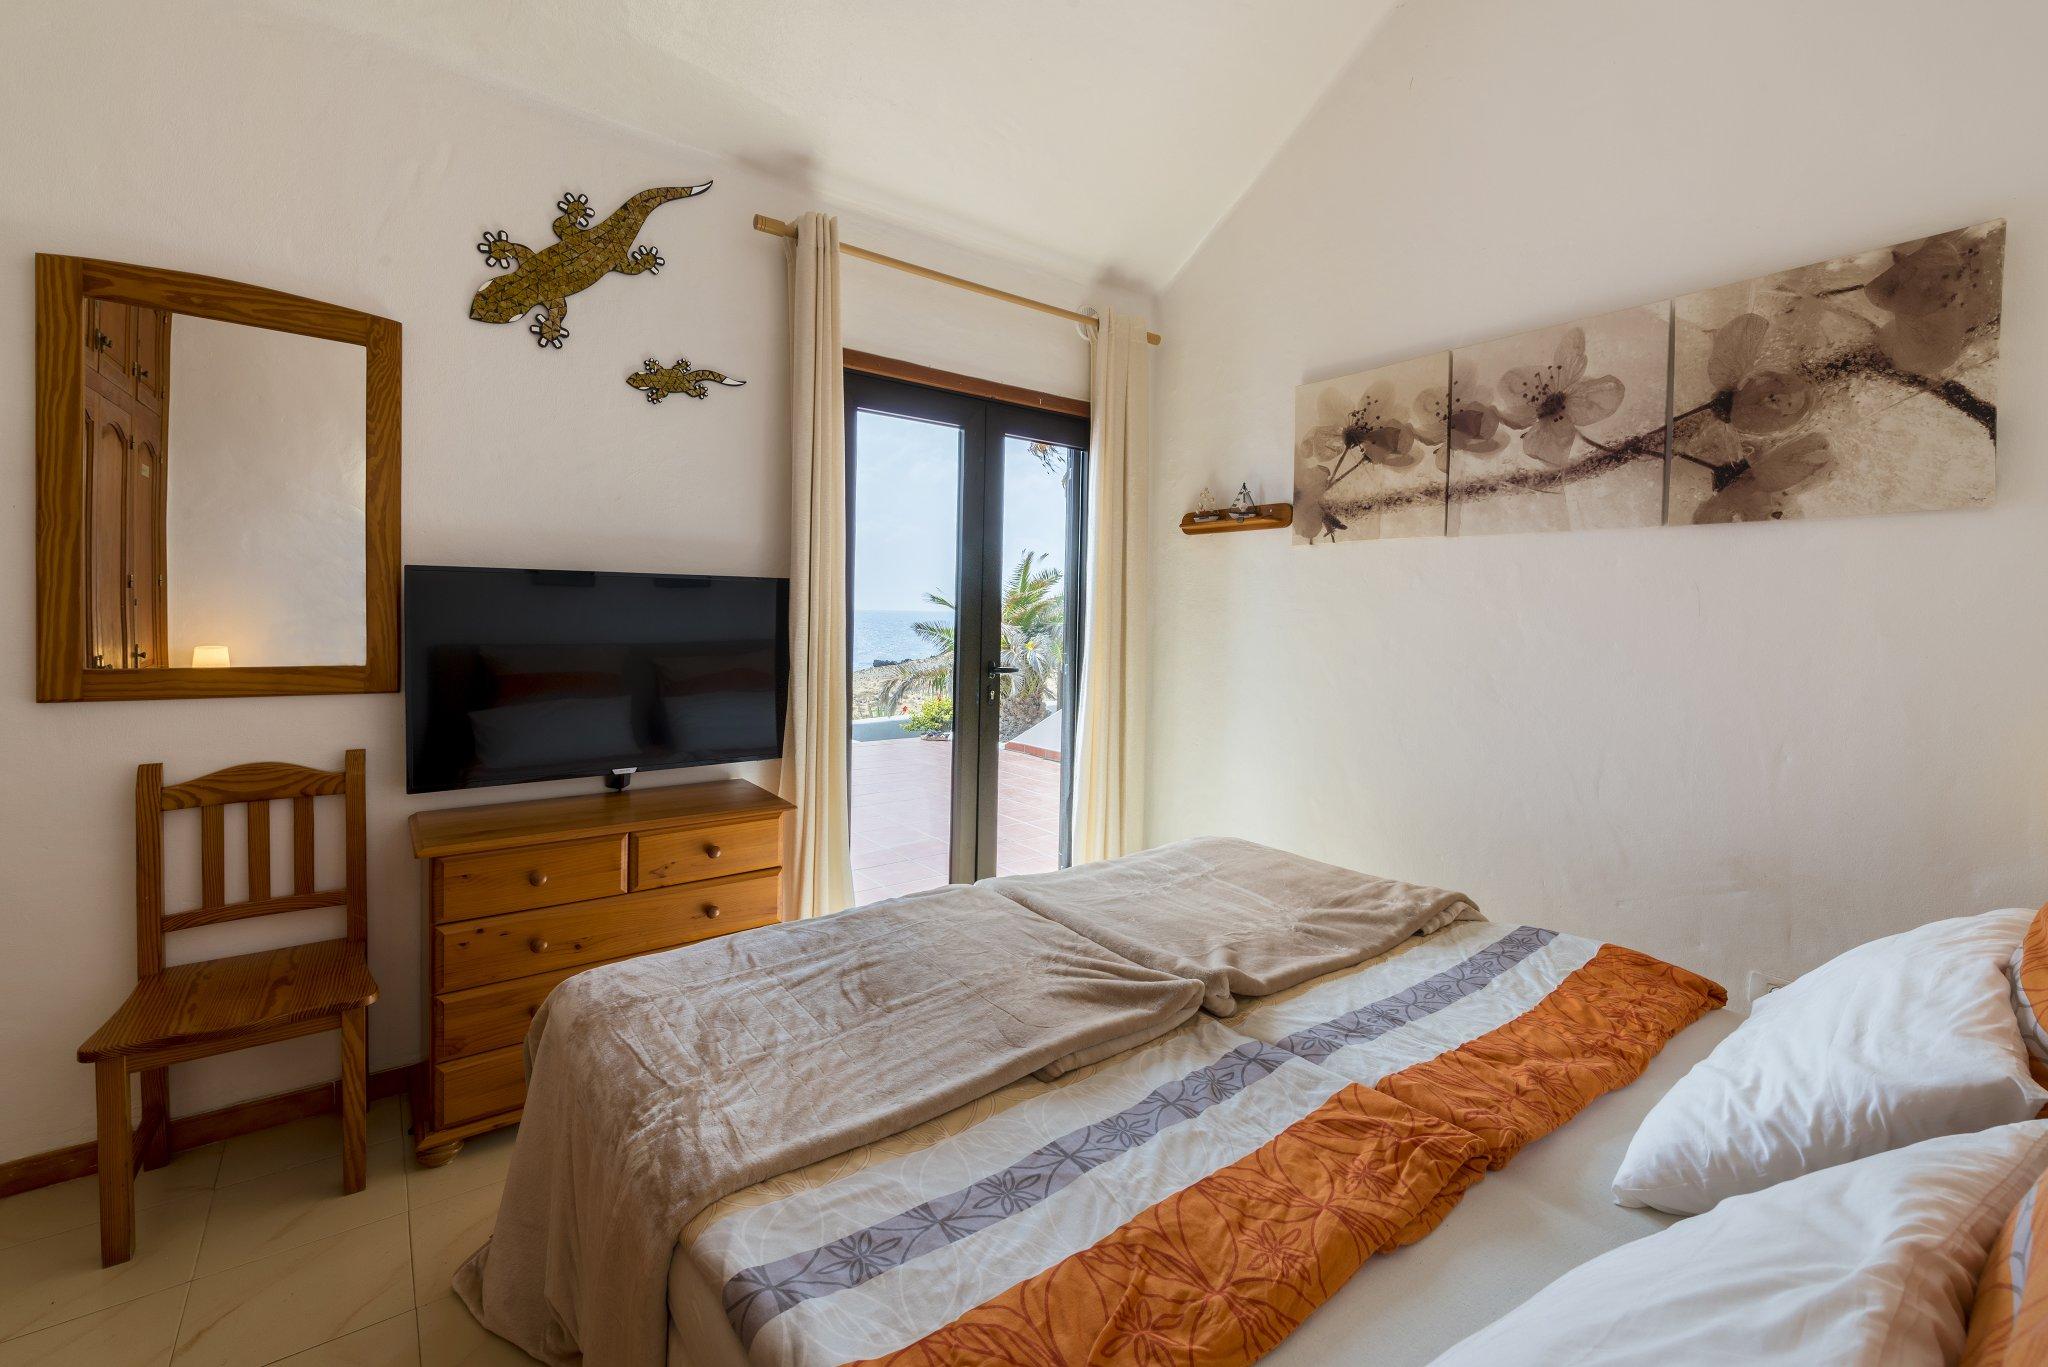 Gemütliches Wohnzimmer für Ihren Urlaub